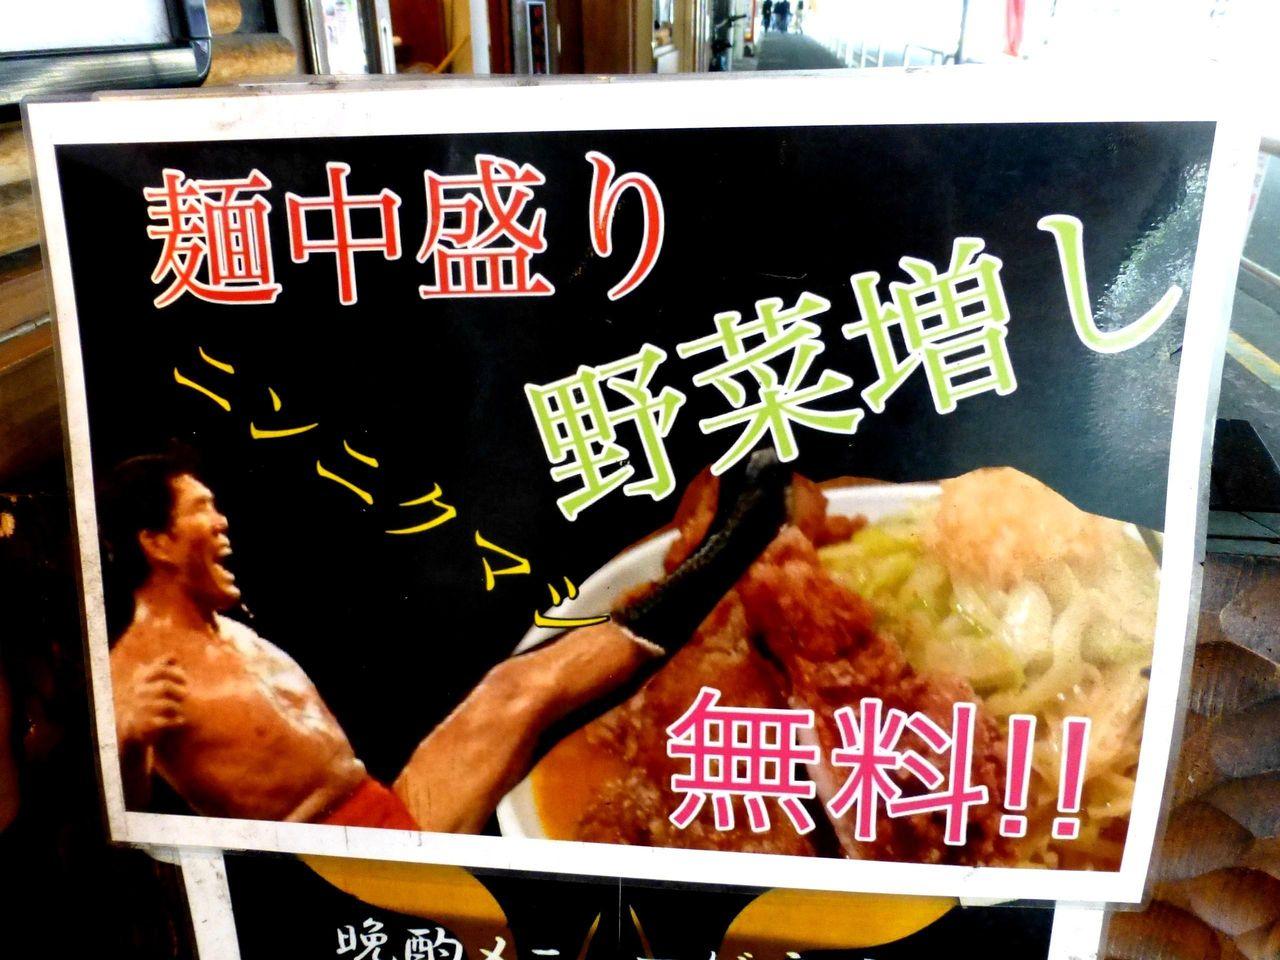 麺中盛、野菜増し、ニンニク増しは、無料サービスです!